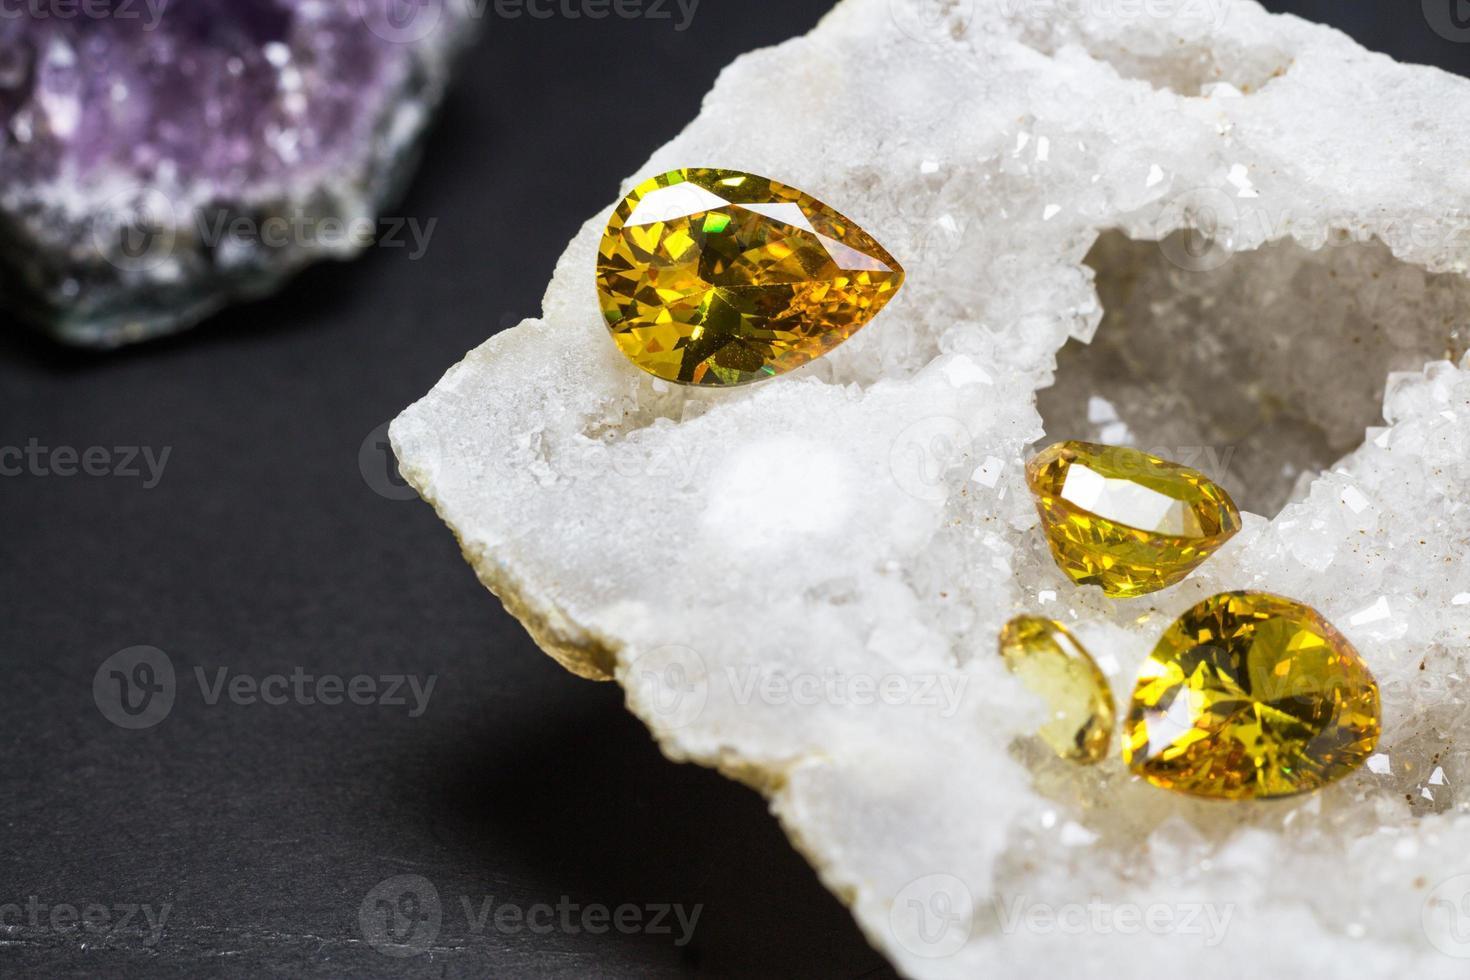 Piedra preciosa de zafiro amarillo natural, hermosa piedra preciosa de citrina de oro amarillo aislada sobre fondo negro, como fondo de joyería foto